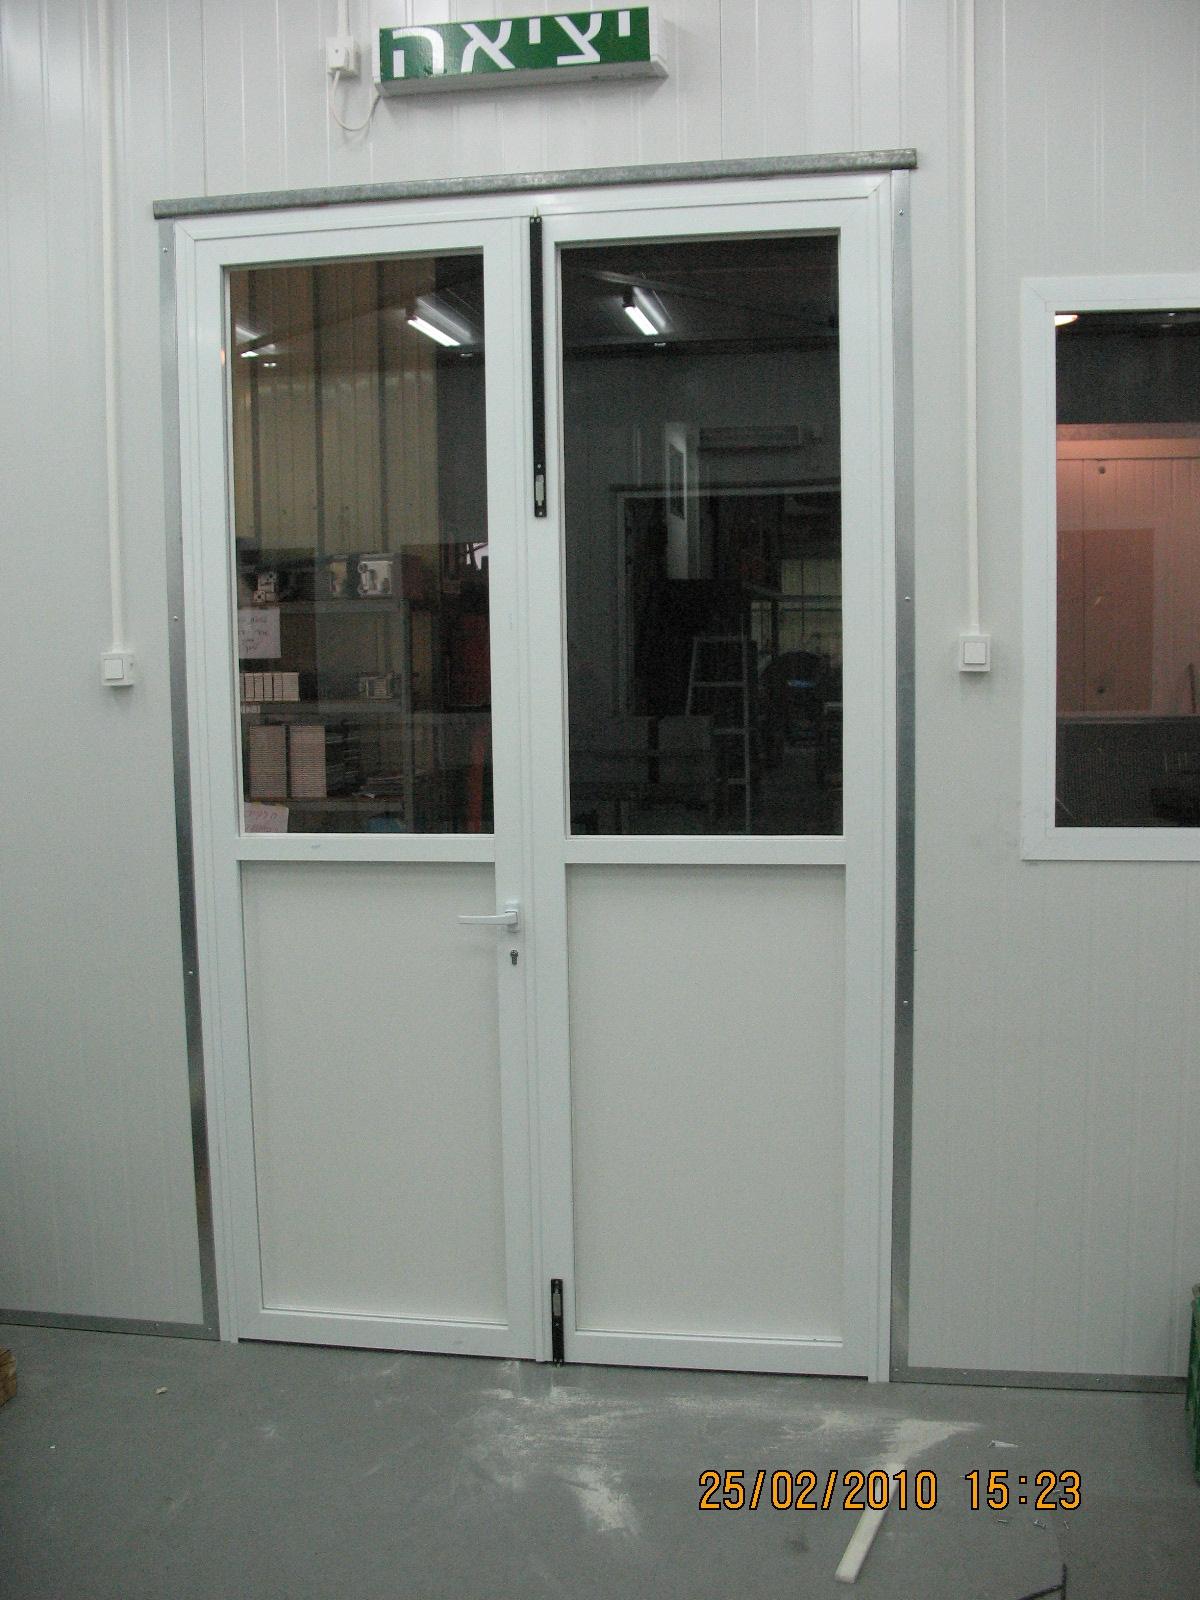 דלתות לחדר נקי